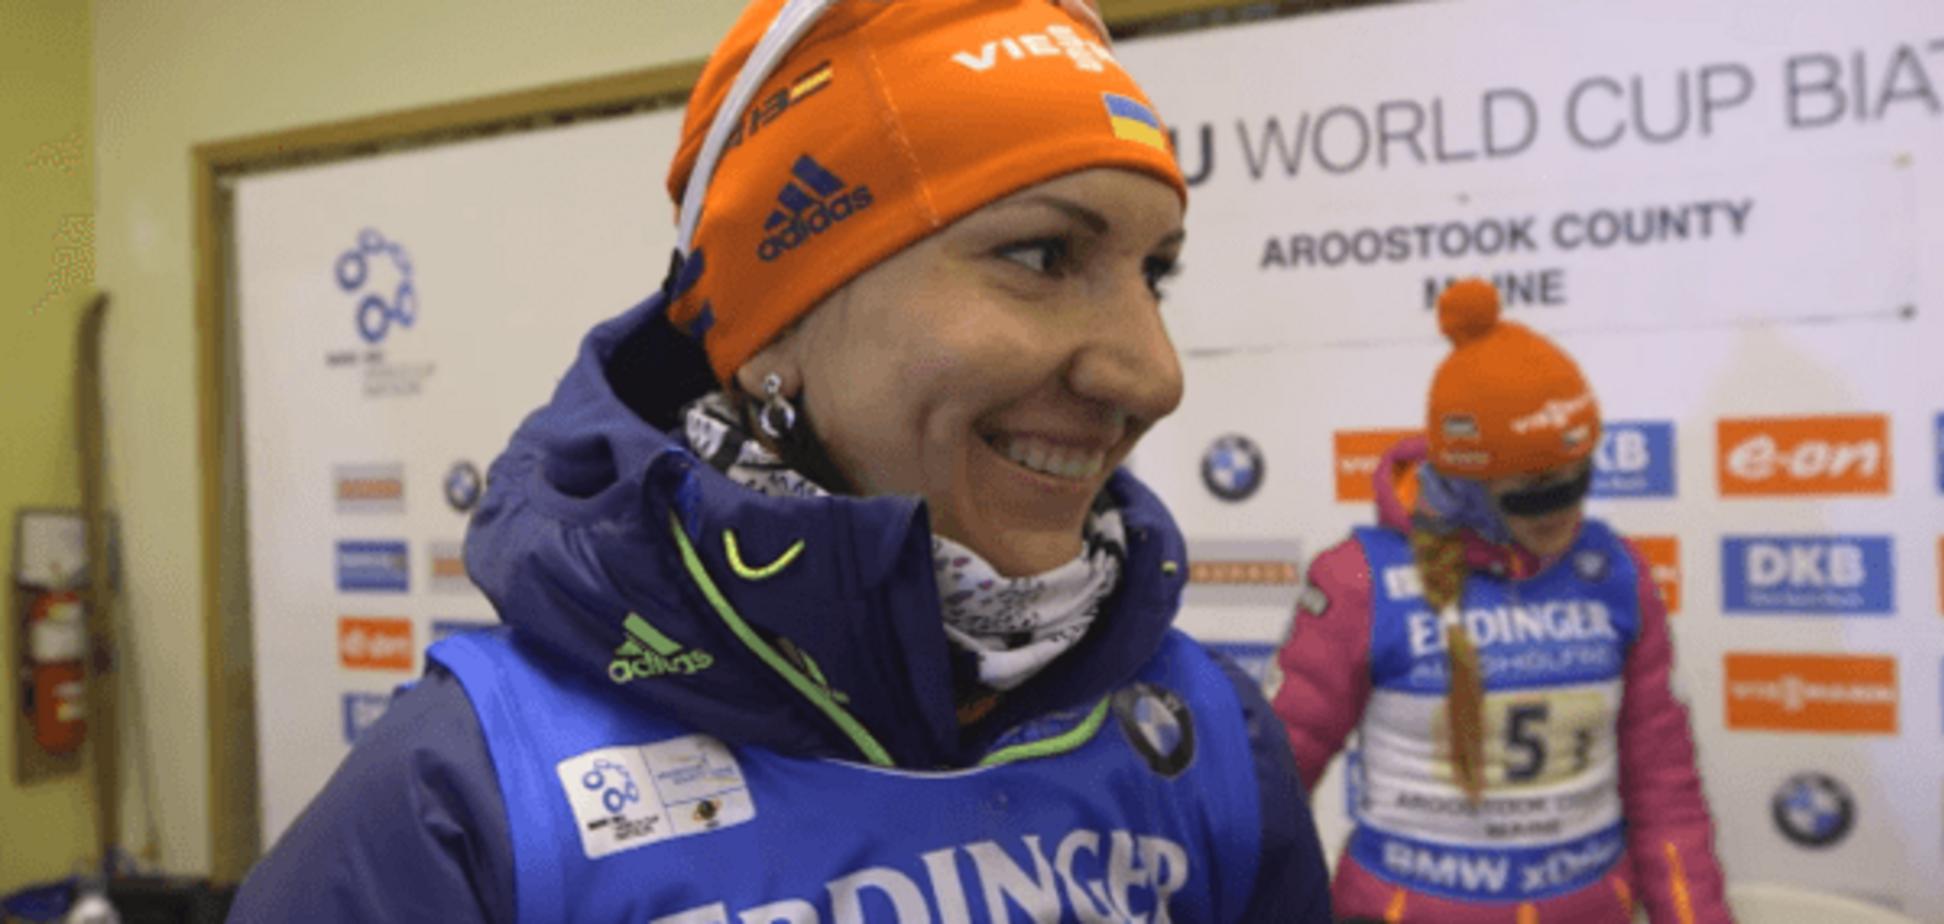 Пидгрушная рассказала, кто ей неожиданно помог выиграть медаль на Кубке мира по биатлону